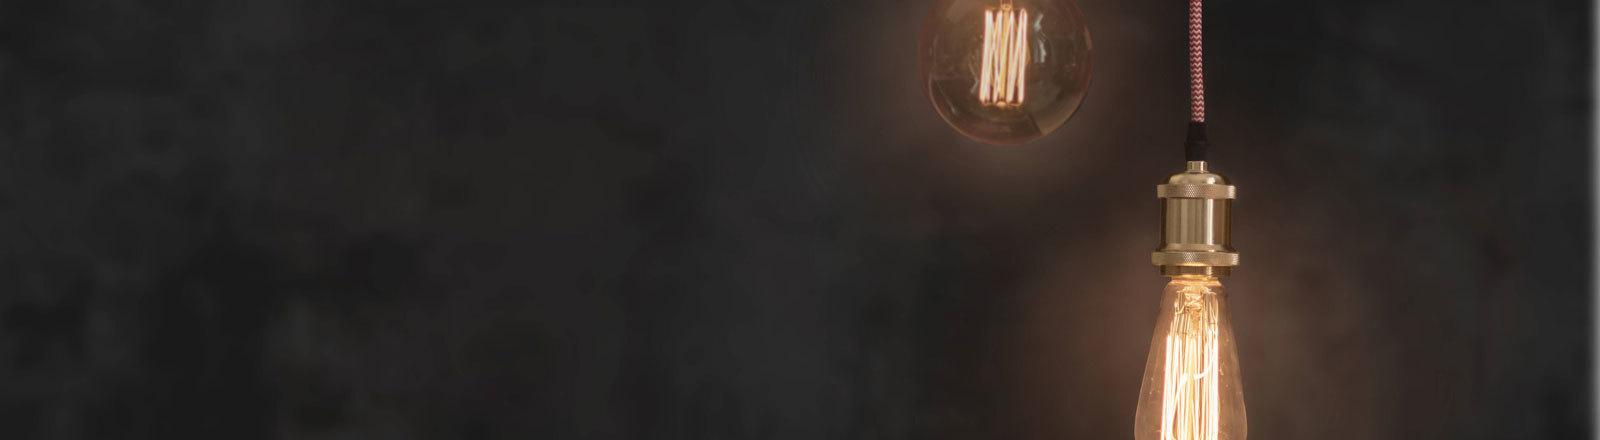 Zwei Glühbirnen hängen von der Decke.